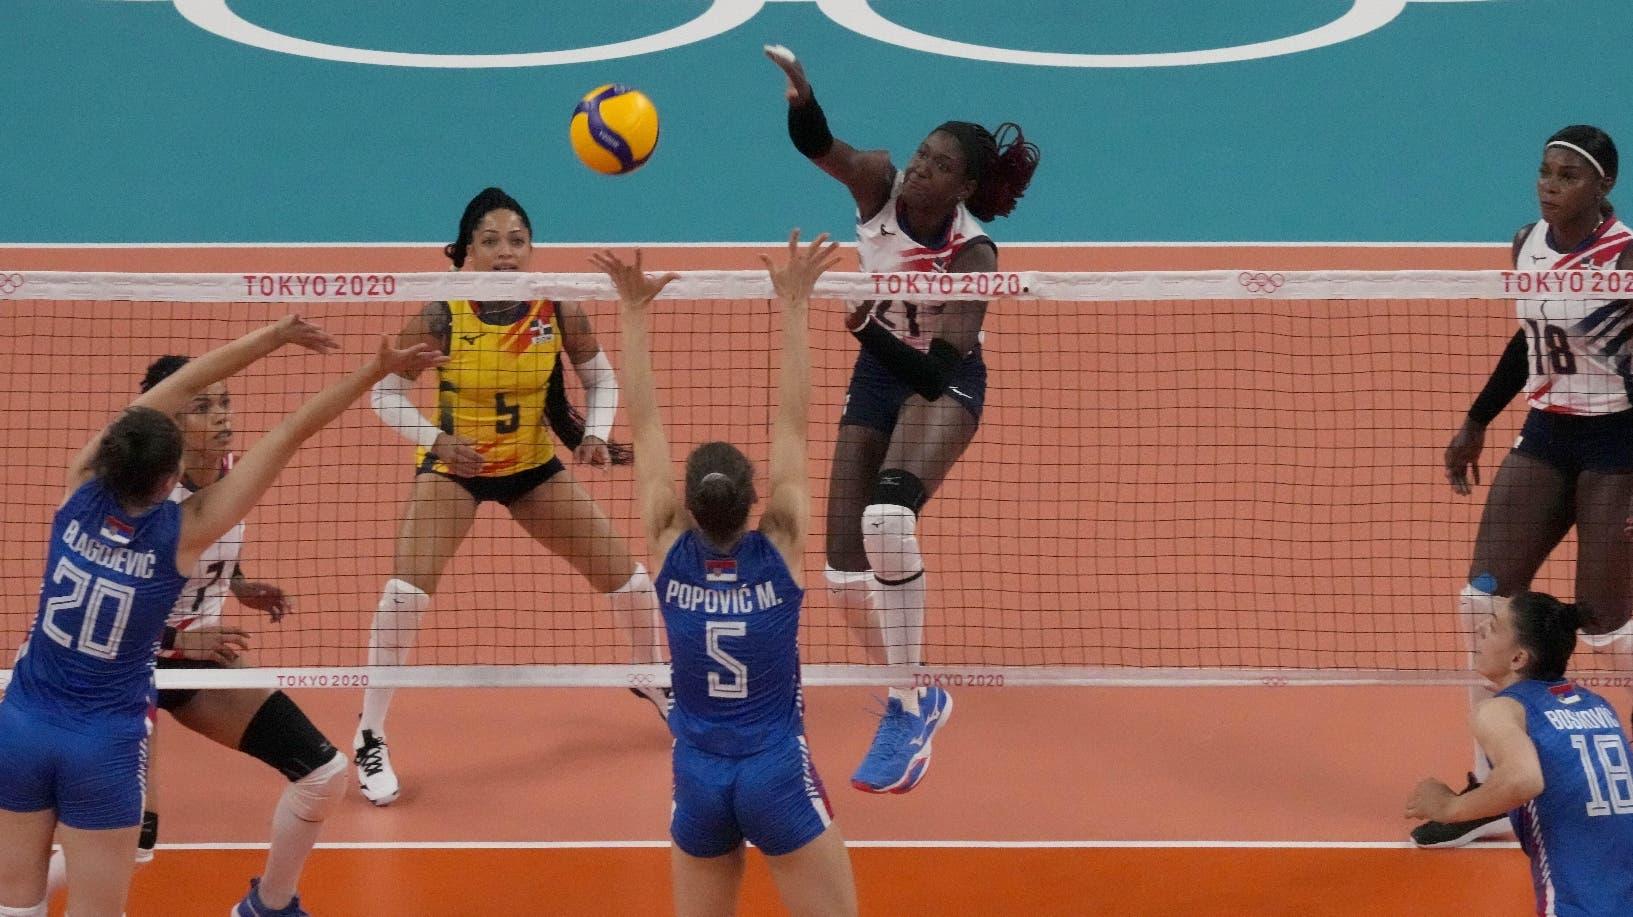 Reinas no se amilanan pese a derrota ayer ante Serbia en Juegos Tokio